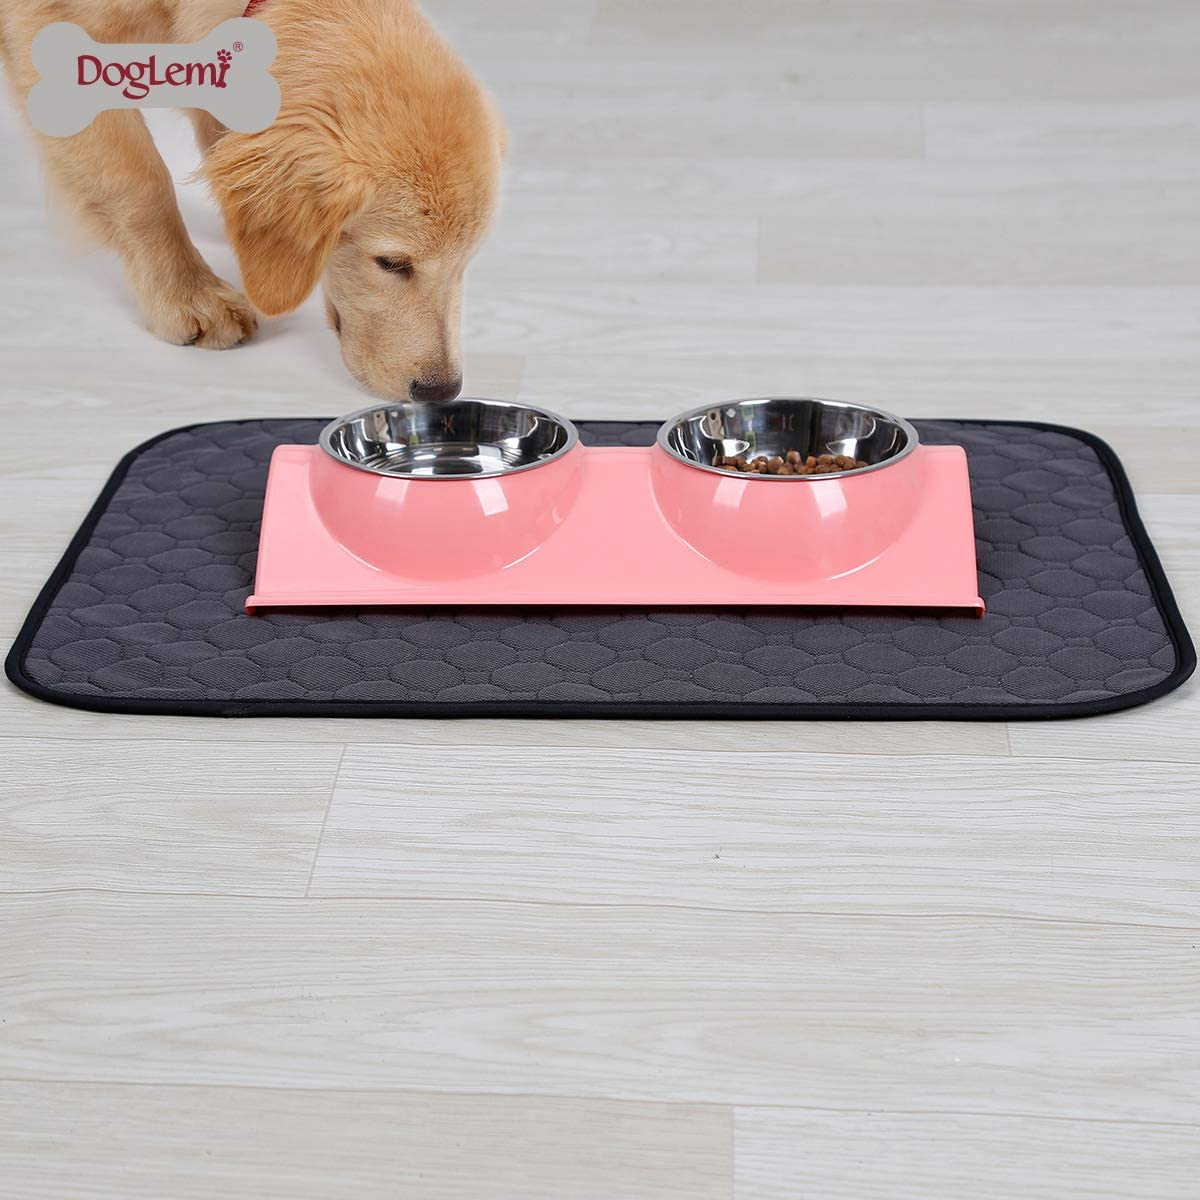 Tineer Lavabile Puppy Training Pad Pet Mat Antiscivolo Riutilizzabile Pee Pad Coperta per Cane//Gatto//Coniglio S, Beige